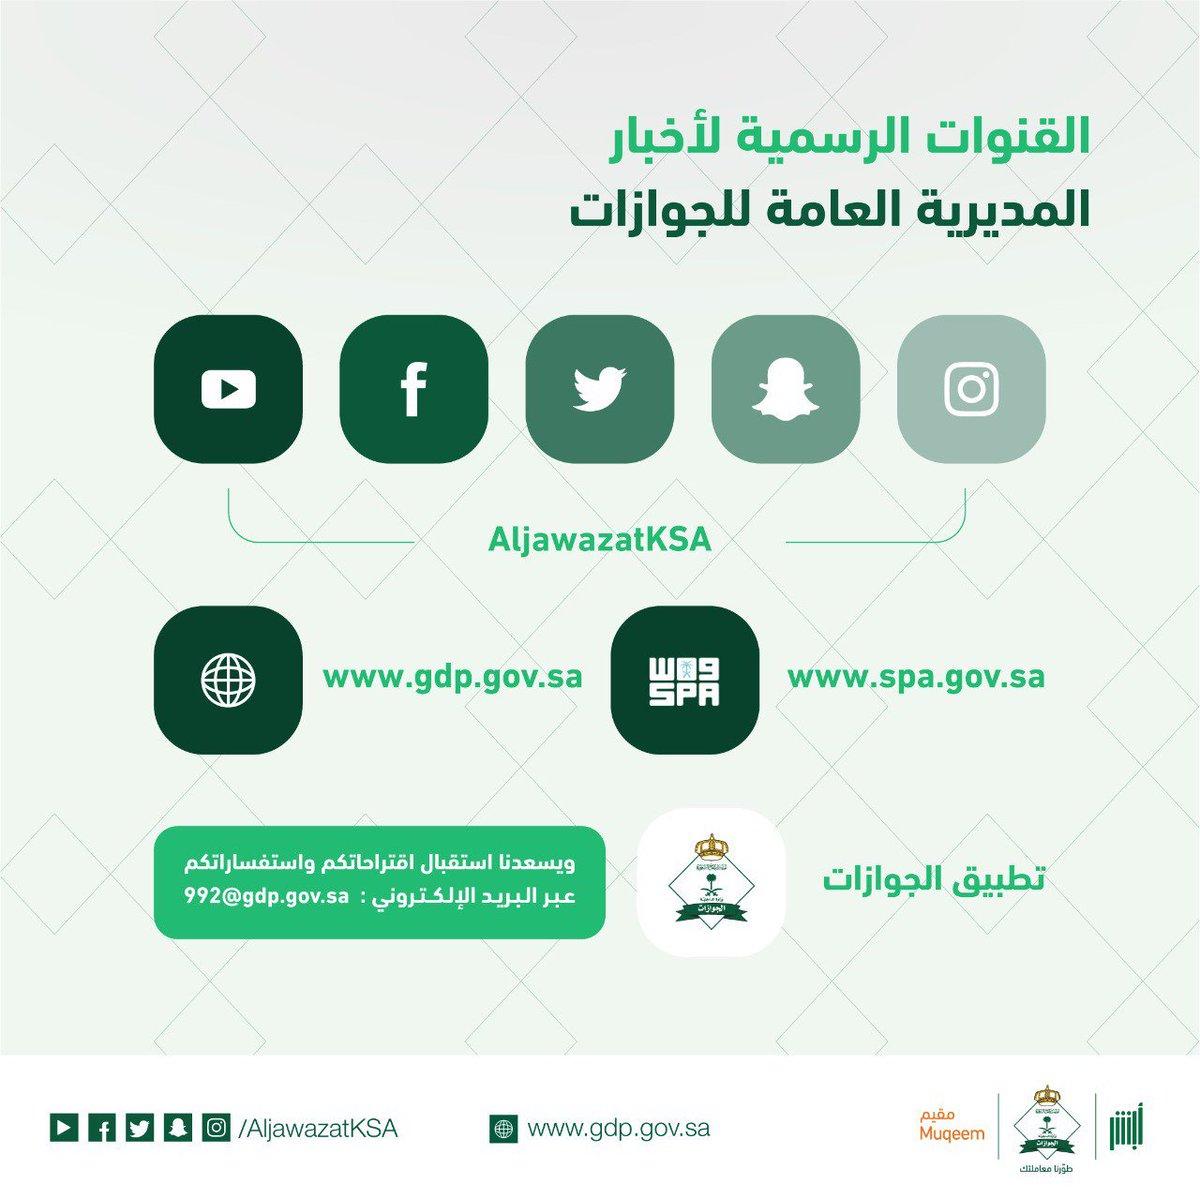 الجوازات السعودية على تويتر العفو نعم يمكنك ذلك مدة تأشيرة الخروج النهائي هي 60 يوما من تاريخ الإصدار شكرا لتواصلك